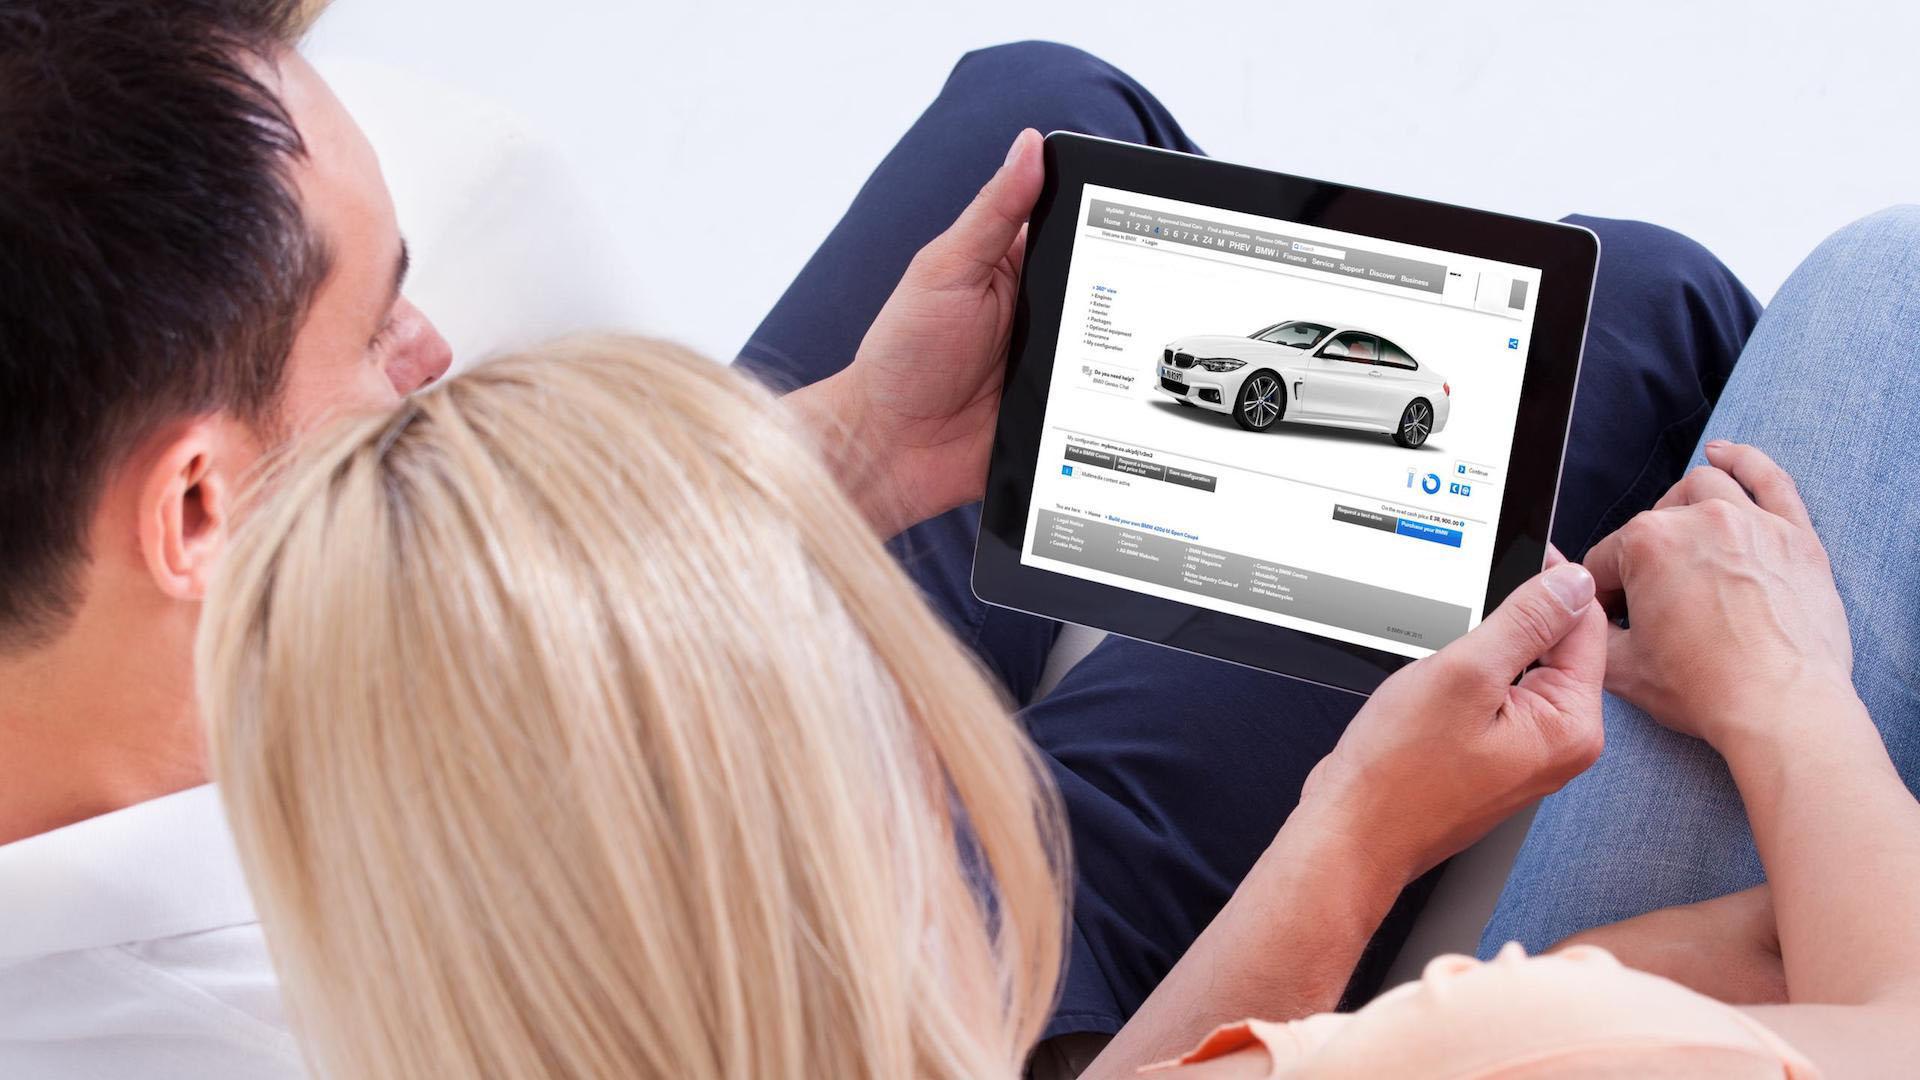 Cómo realizar un cambio de titularidad de un vehículo de forma online